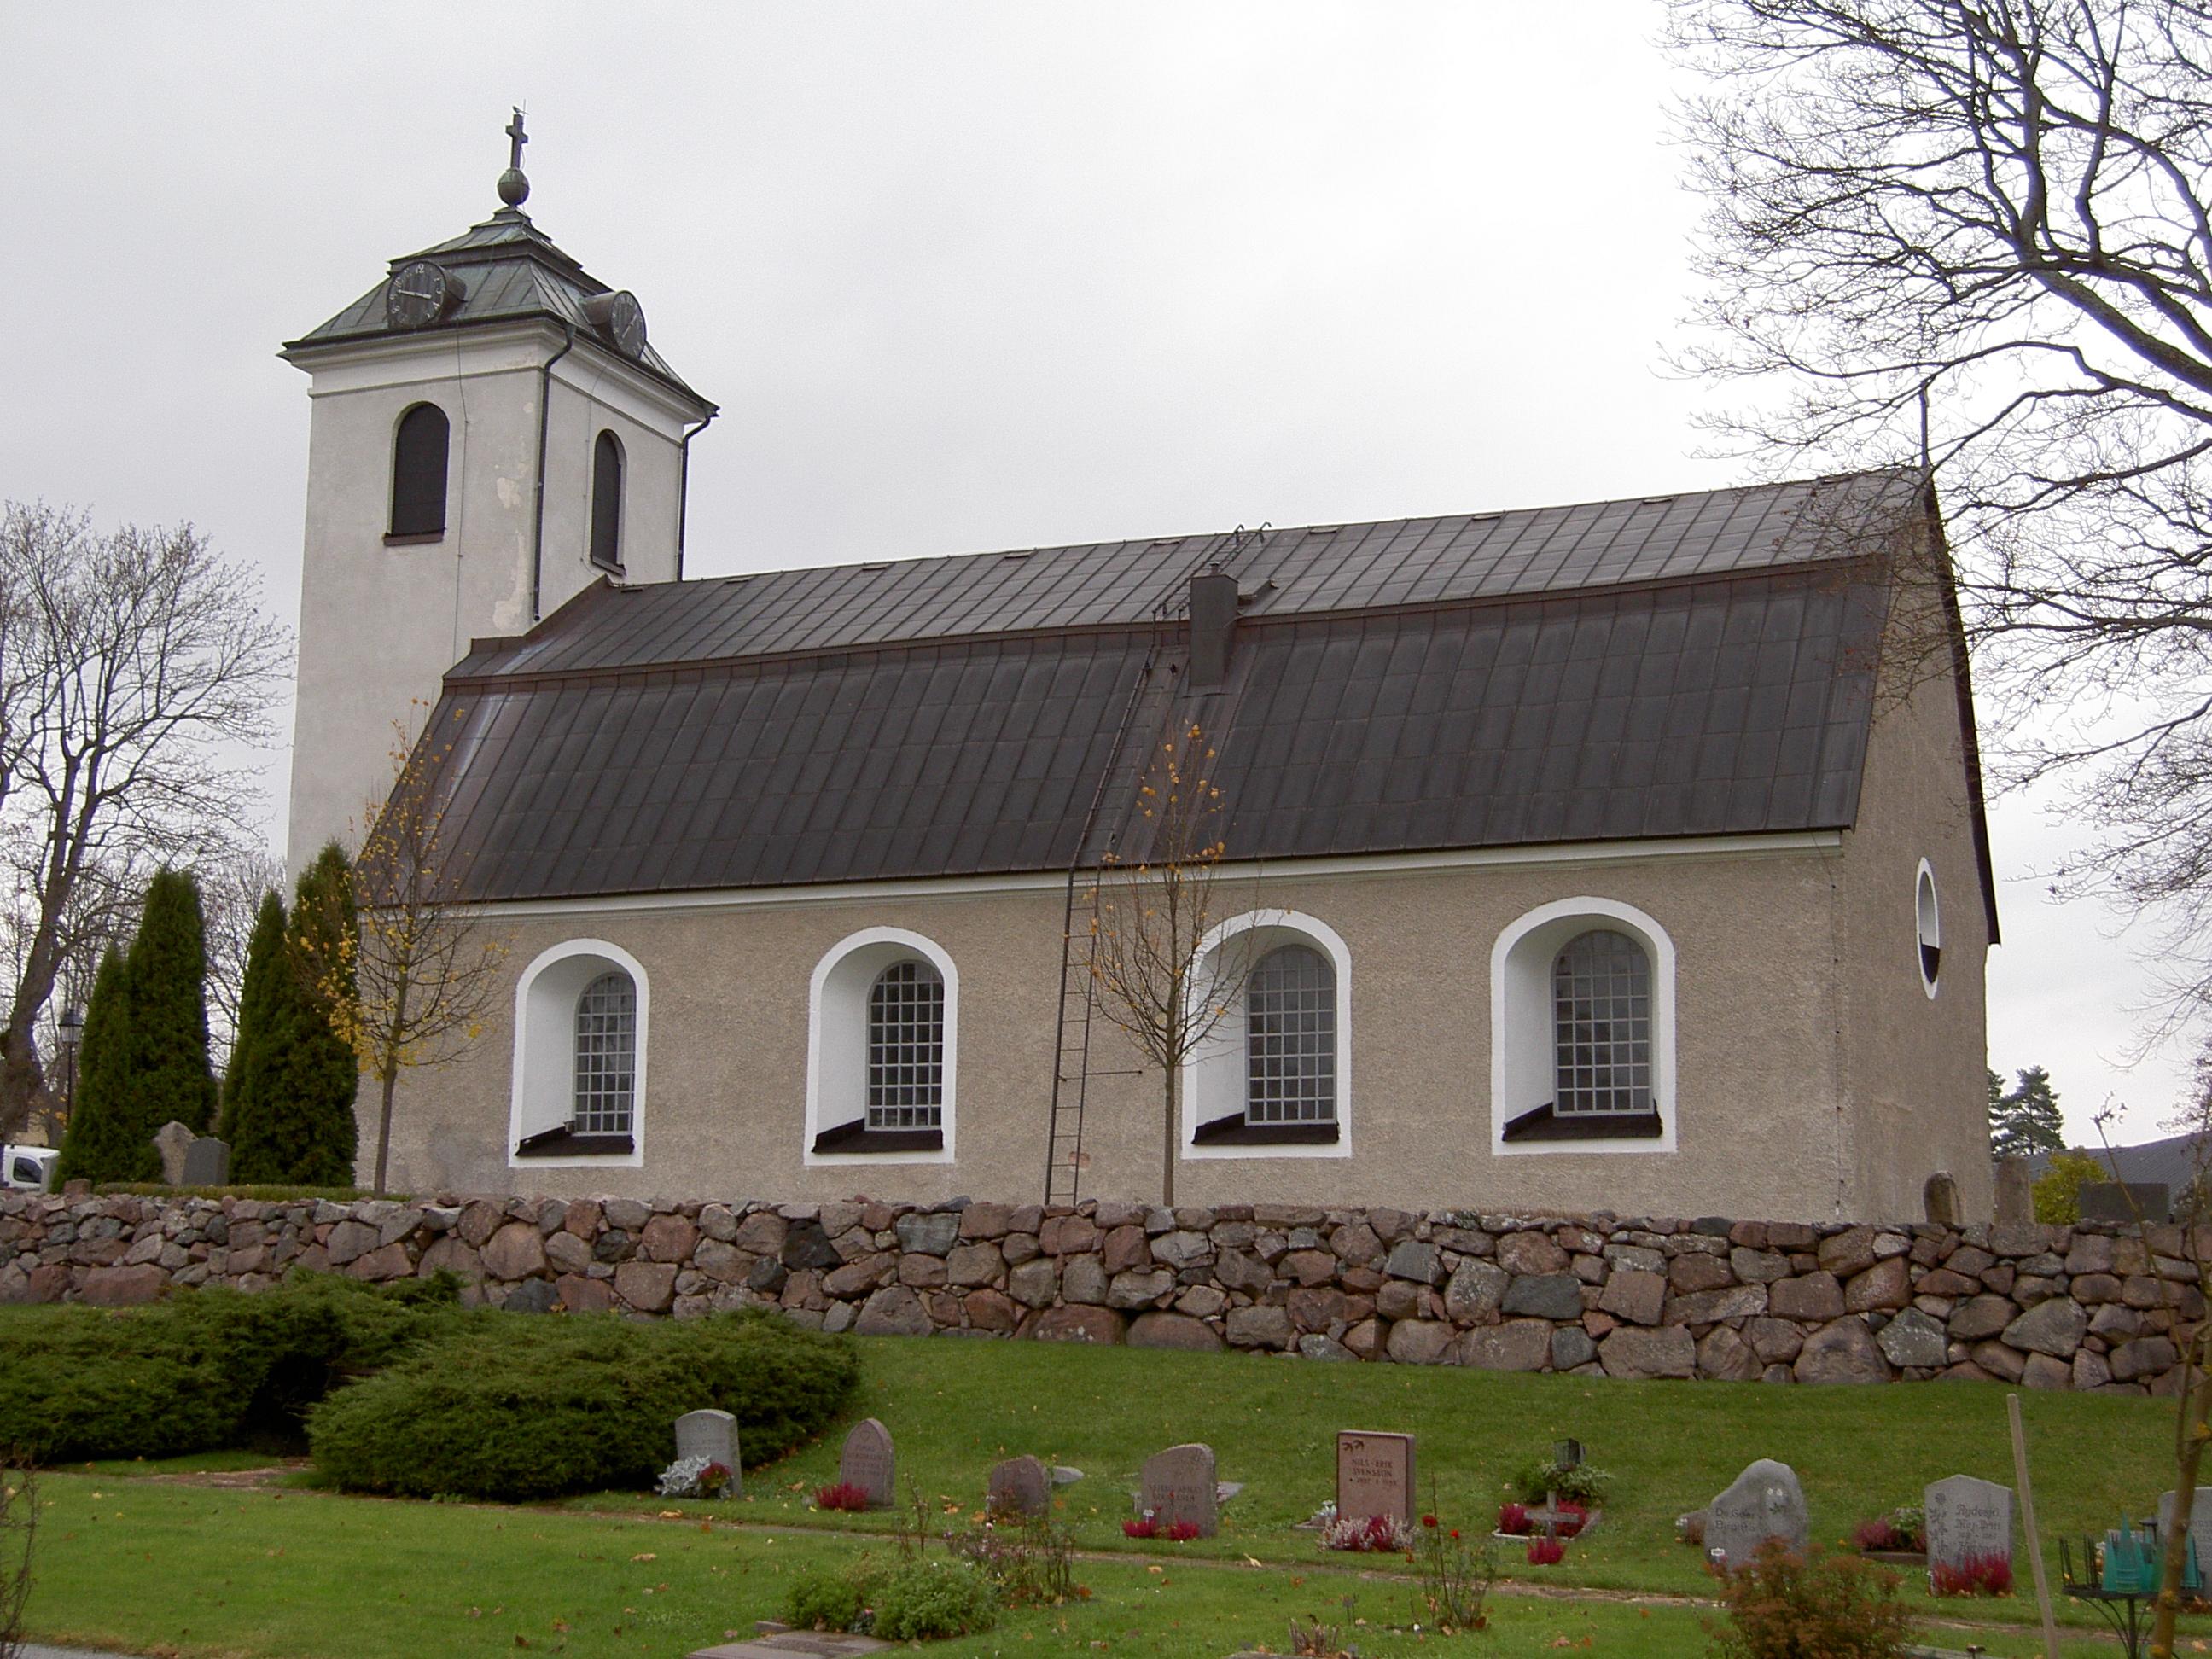 Fresta Kyrkogrd in Fresta, Stockholms ln - Find A Grave